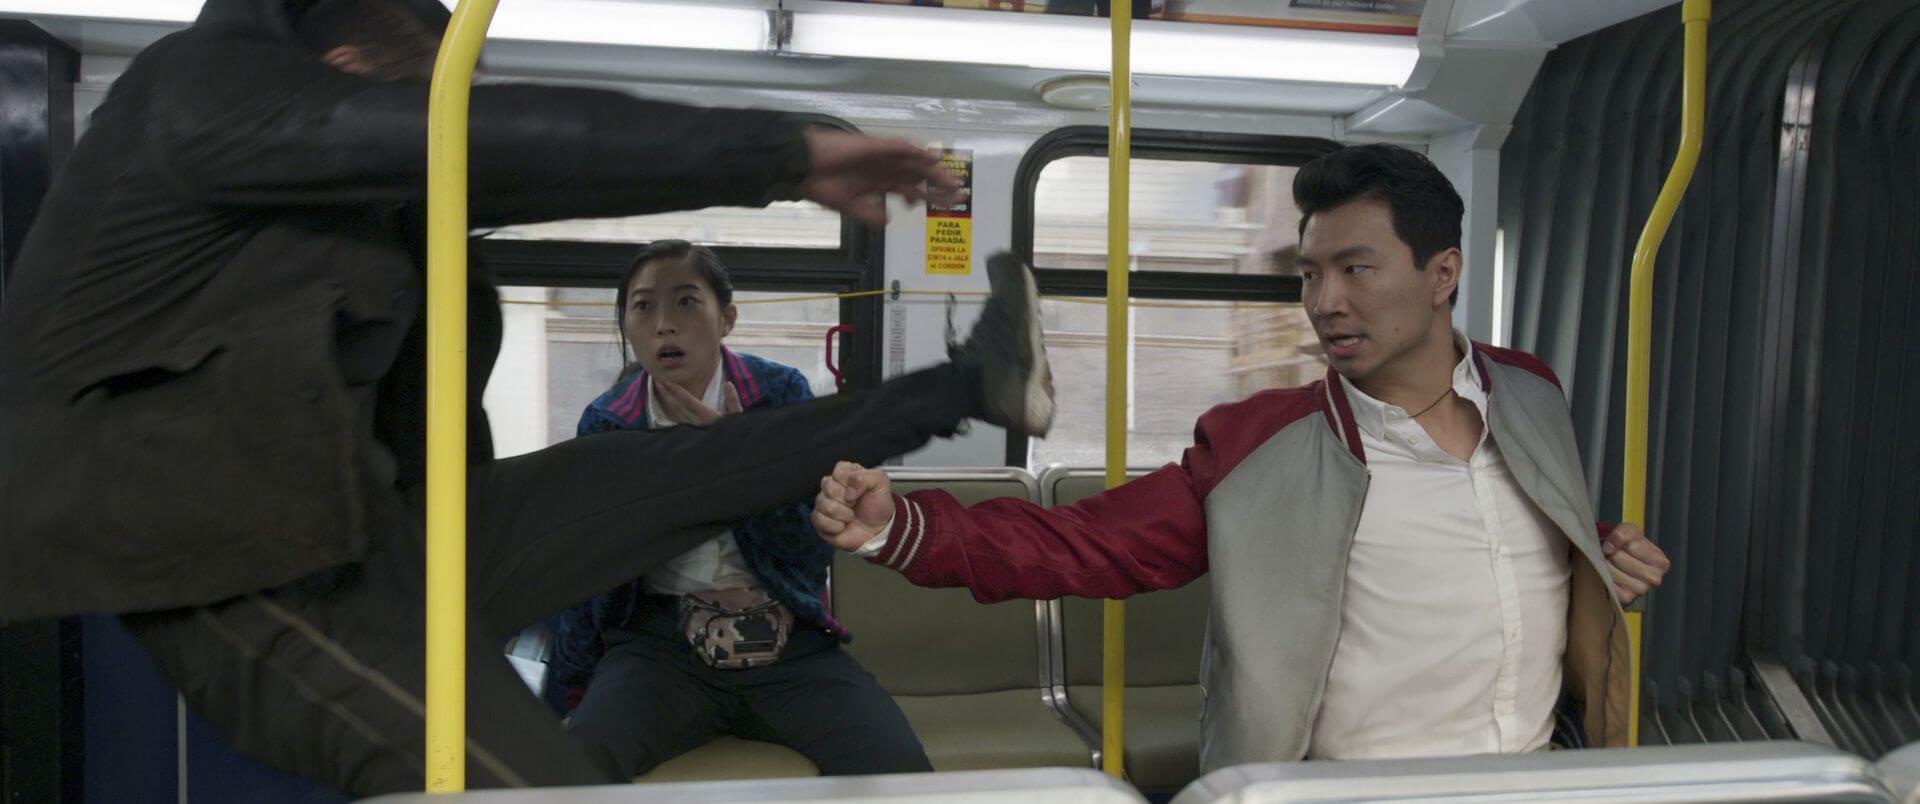 シャン・チーが過激なバトルで魅せる!マーベル・スタジオ最新作『シャン・チー/テン・リングスの伝説』の新場面写真12点が一挙解禁 film210721_shang_chi_8